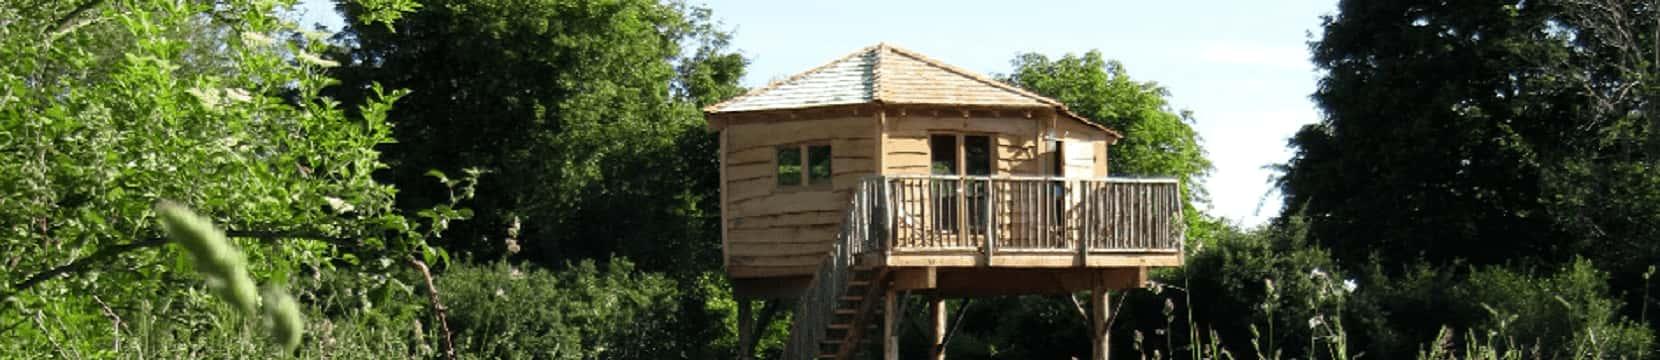 Dormir dans une cabane perchée dans les arbres 3 Chouettes